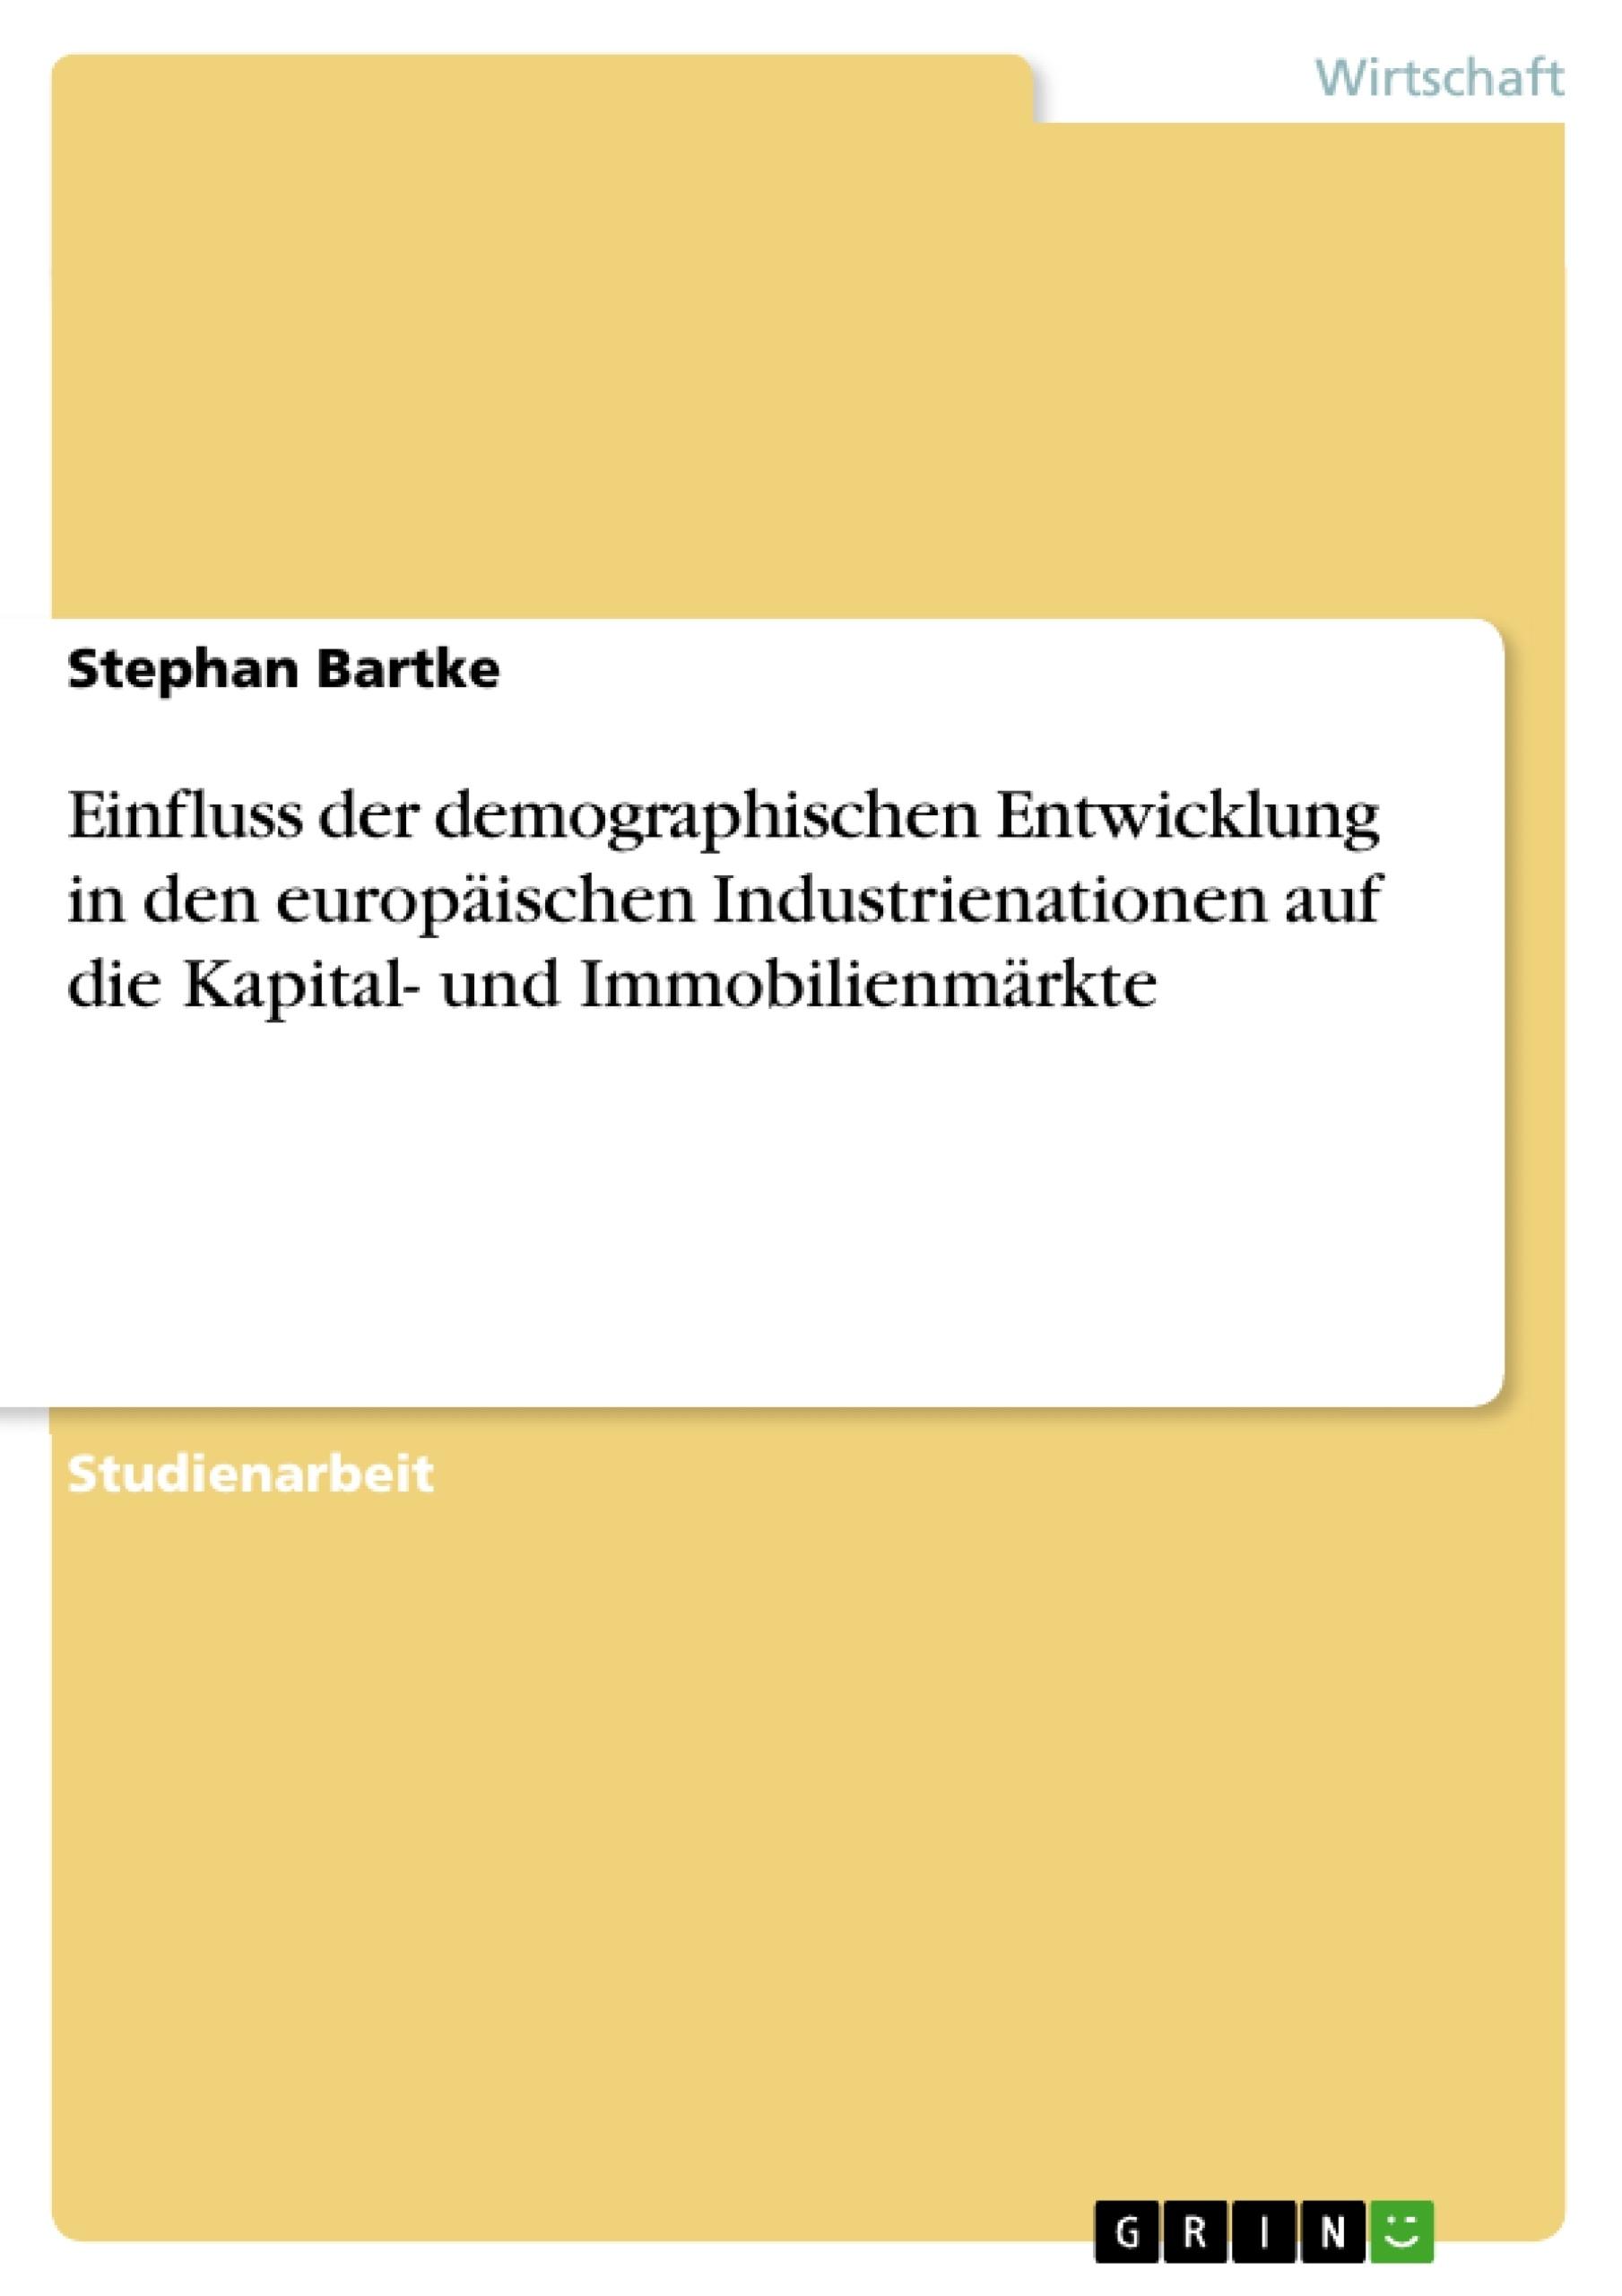 Titel: Einfluss der demographischen Entwicklung in den europäischen Industrienationen auf die Kapital- und Immobilienmärkte